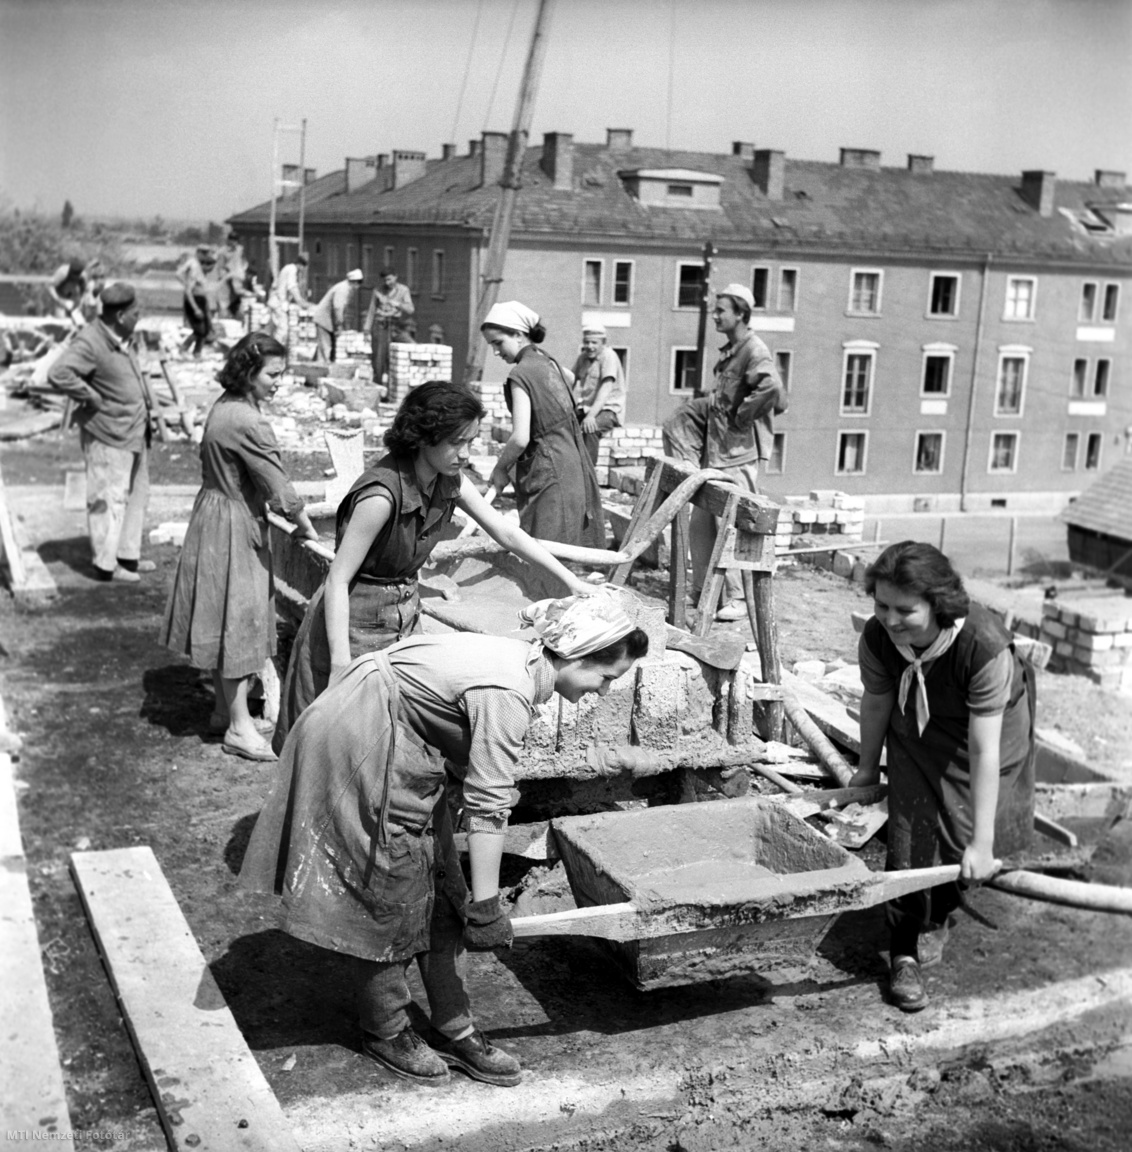 1959. május 5. A Hazai Fésűsfonó KISZ (Kommunista Ifjúsági Szövetség) tagjai dolgoznak fizetett szabadságukon a pesterzsébeti Csarnok téren épülő iskolánál. A munkát a Világifjúsági Találkozó (VIT) tiszteletére vállalták